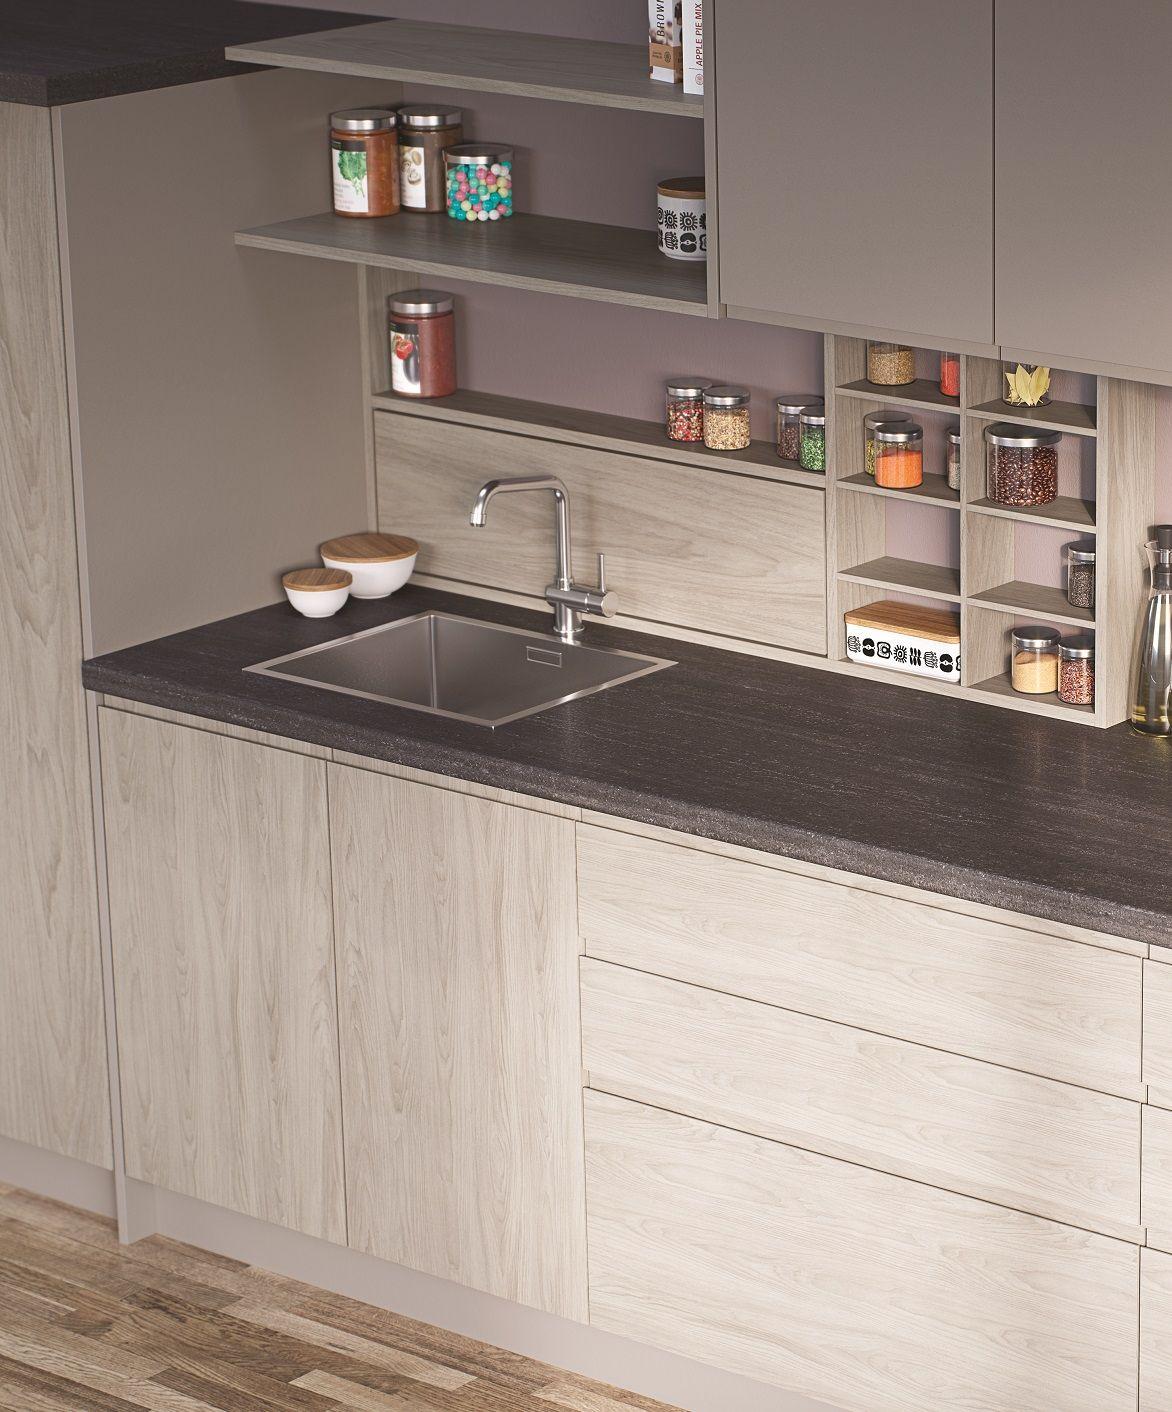 EGGER Kitchen Worktop F293 ST82 Tivoli Anthracite: A